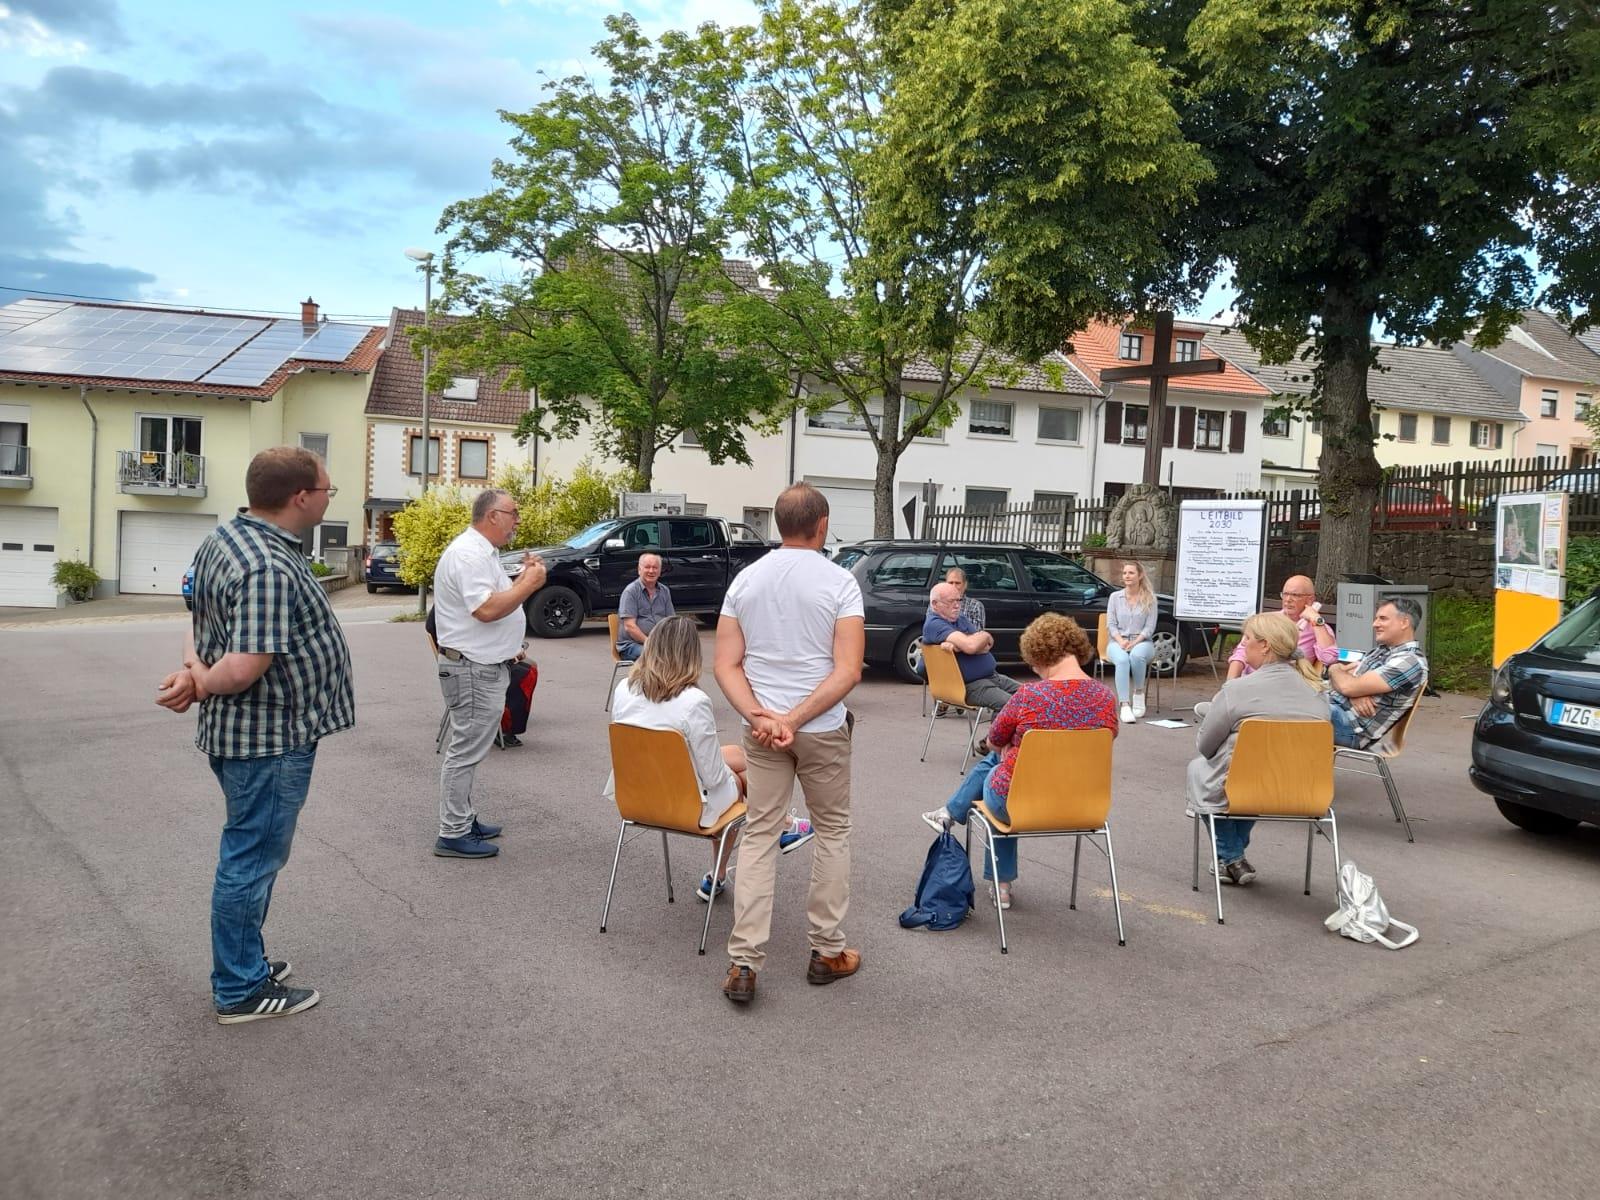 Bürgerworkshop auf dem Dorfplatz in Bietzen